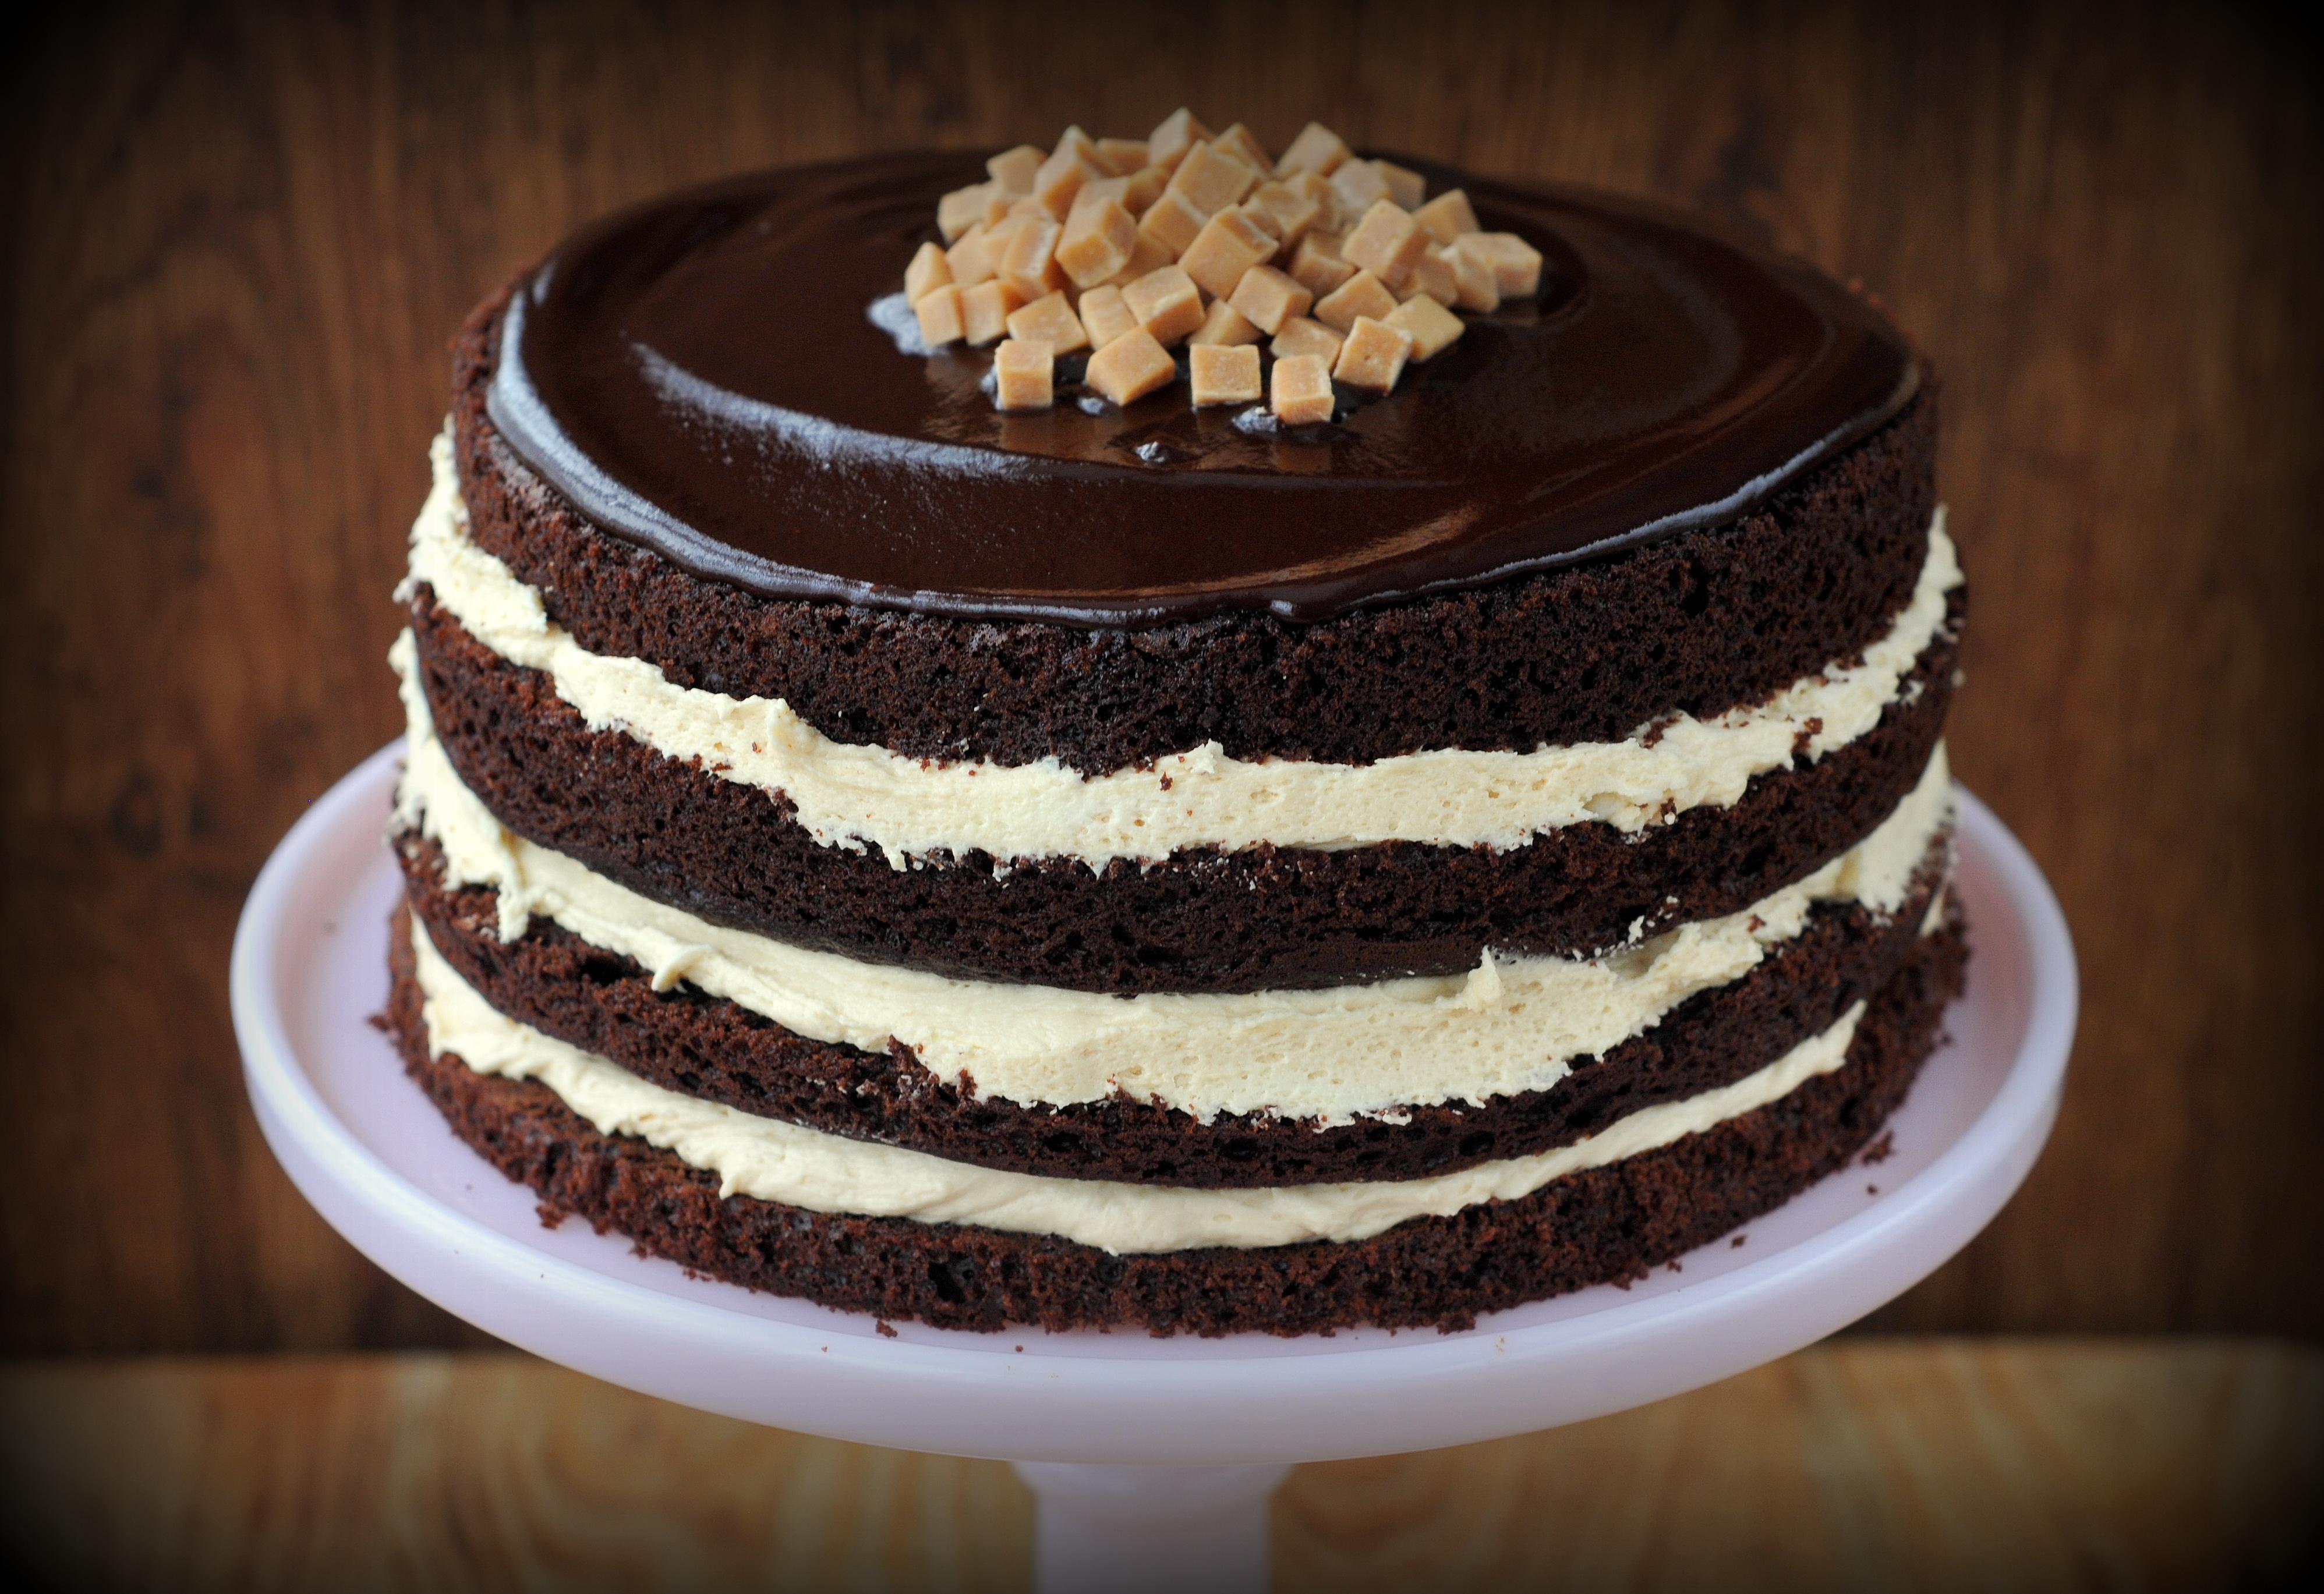 Chocolate And Caramel Cake Waitrose